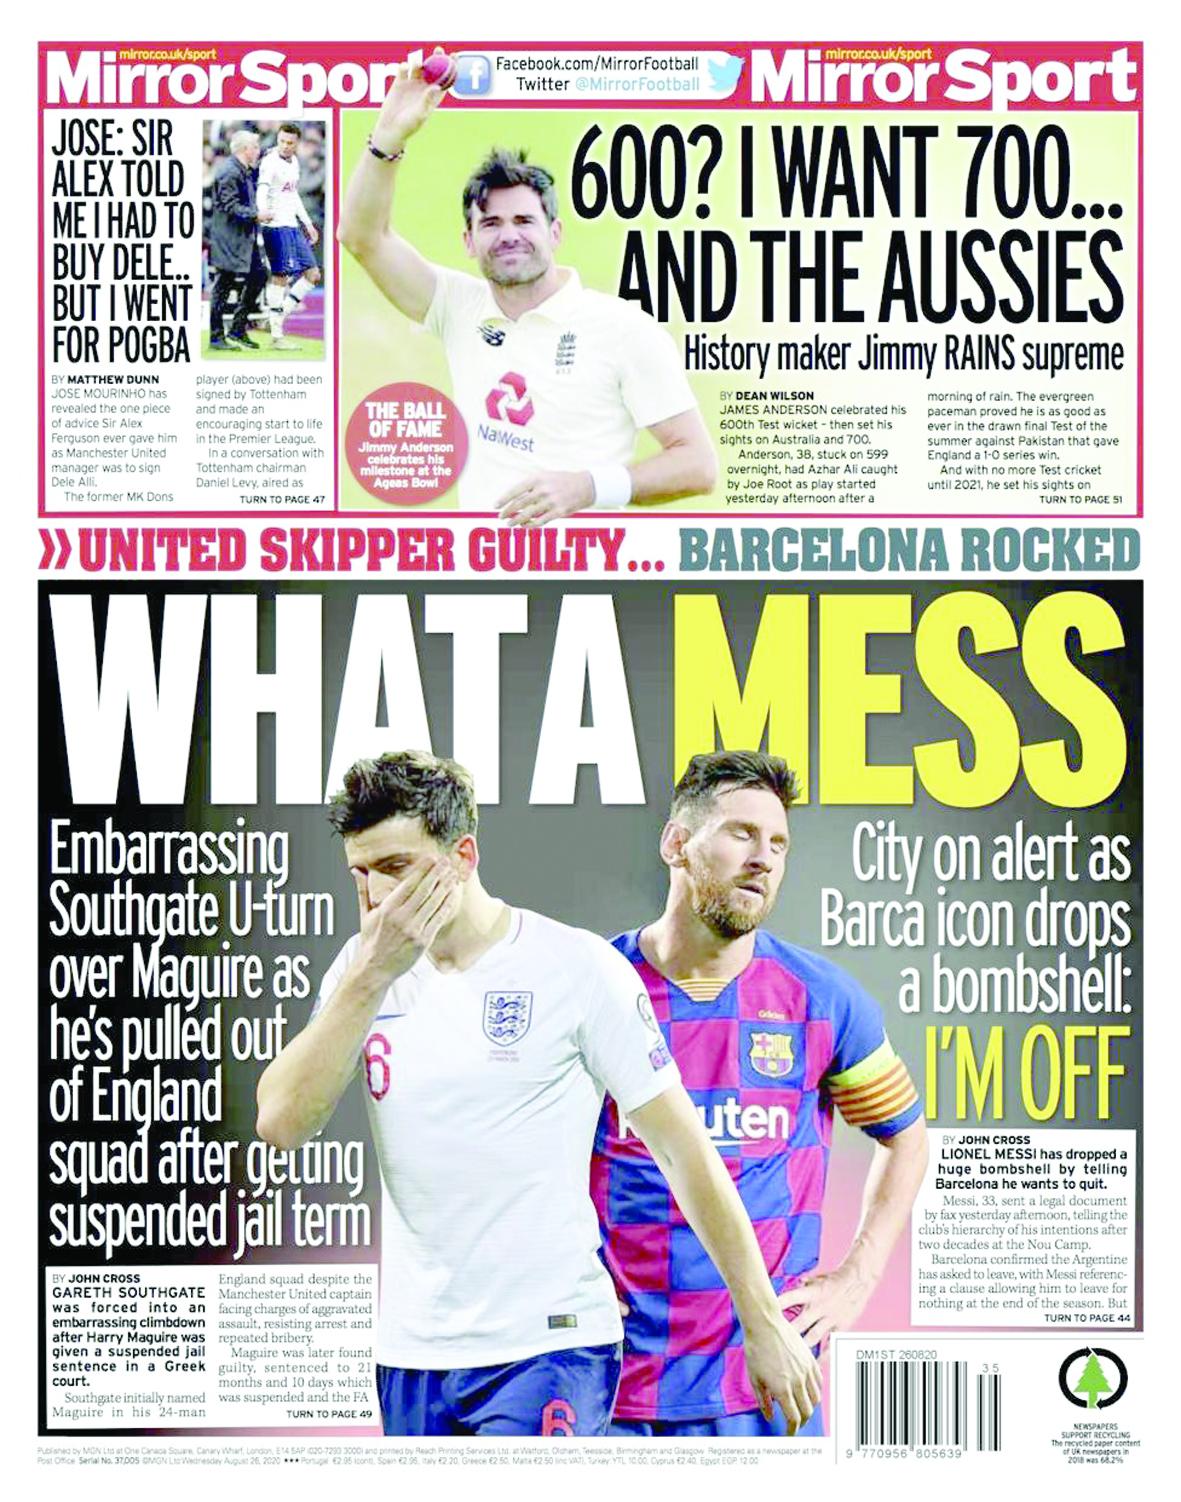 الصحف الإنجليزية تسلط الضوء على ميسي وماجواير